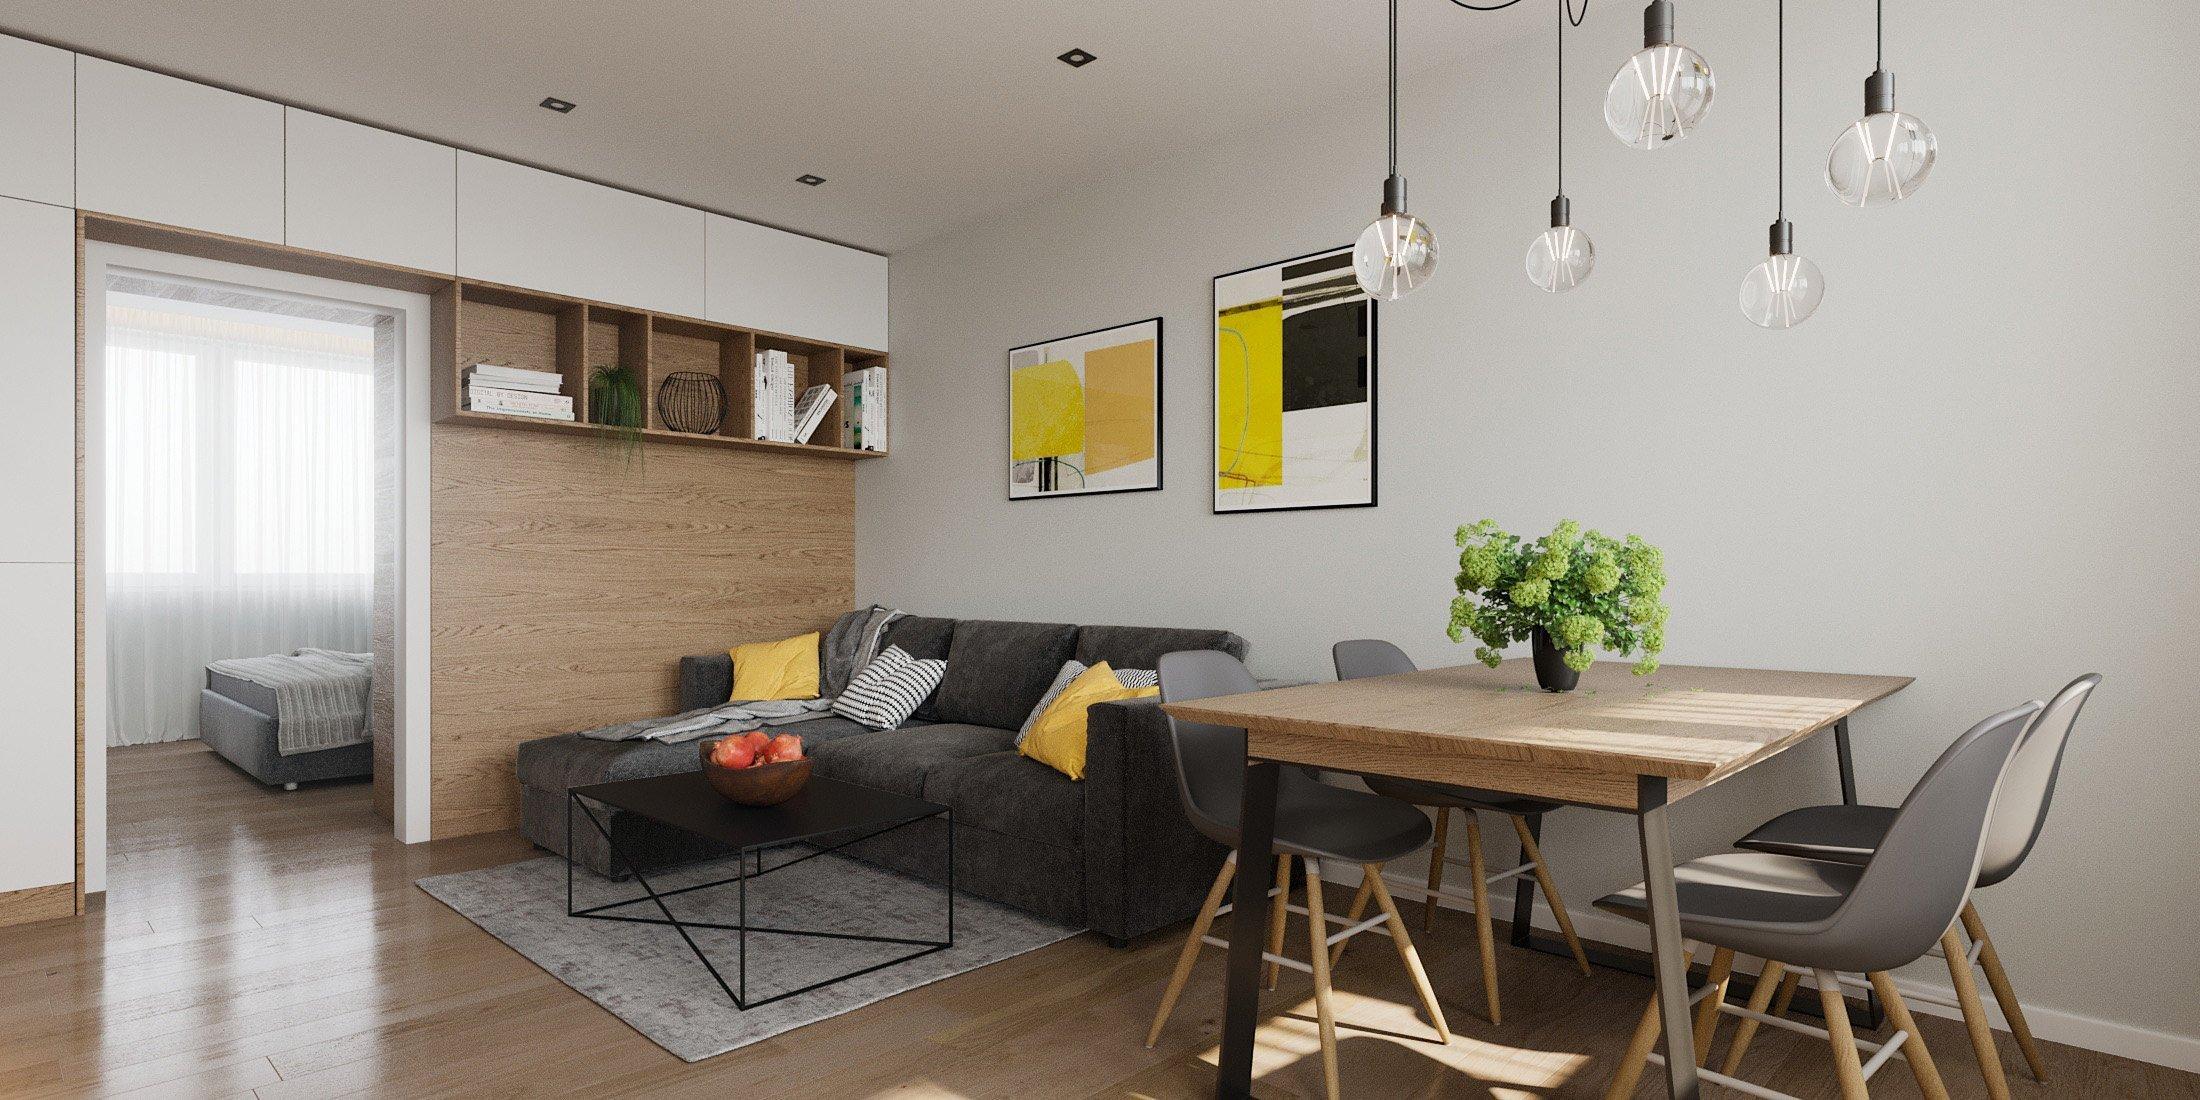 Nábytkové prvky vo výrazných materiáloch plynulo prechádzajú z priestoru kuchyne do obývačky, čím vytvárajú ucelený interiér dennej zóny bytu kde sme sa…